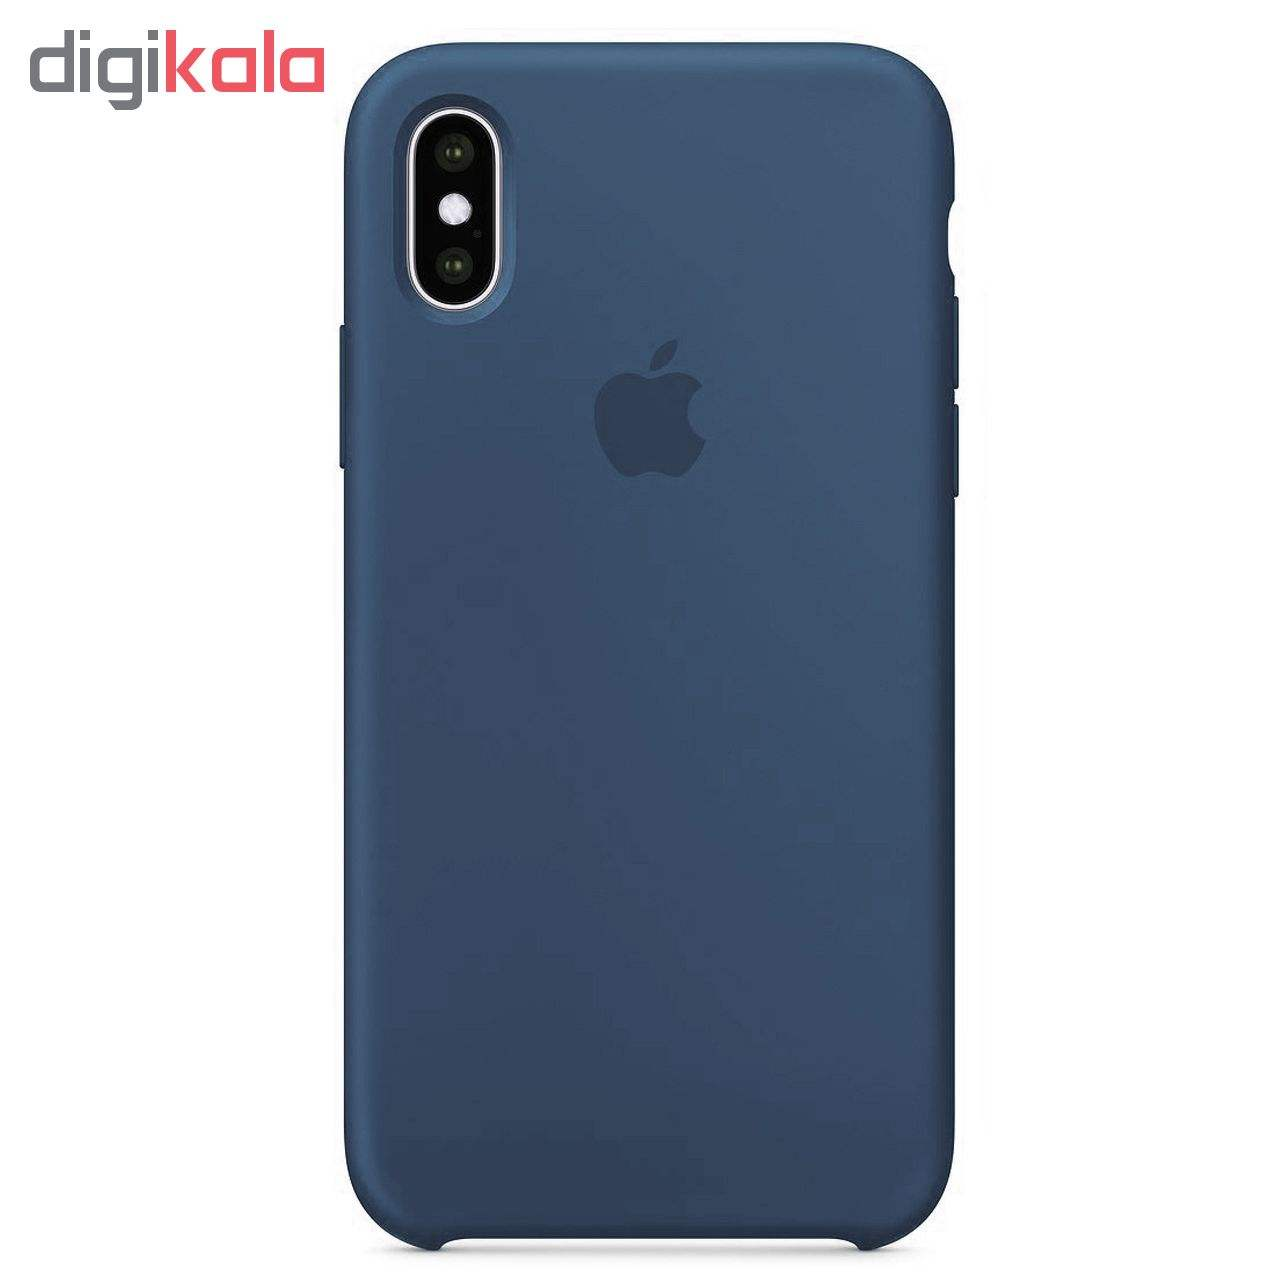 کاور مدل sili003 مناسب برای گوشی موبایل اپل Iphone X / XS main 1 8